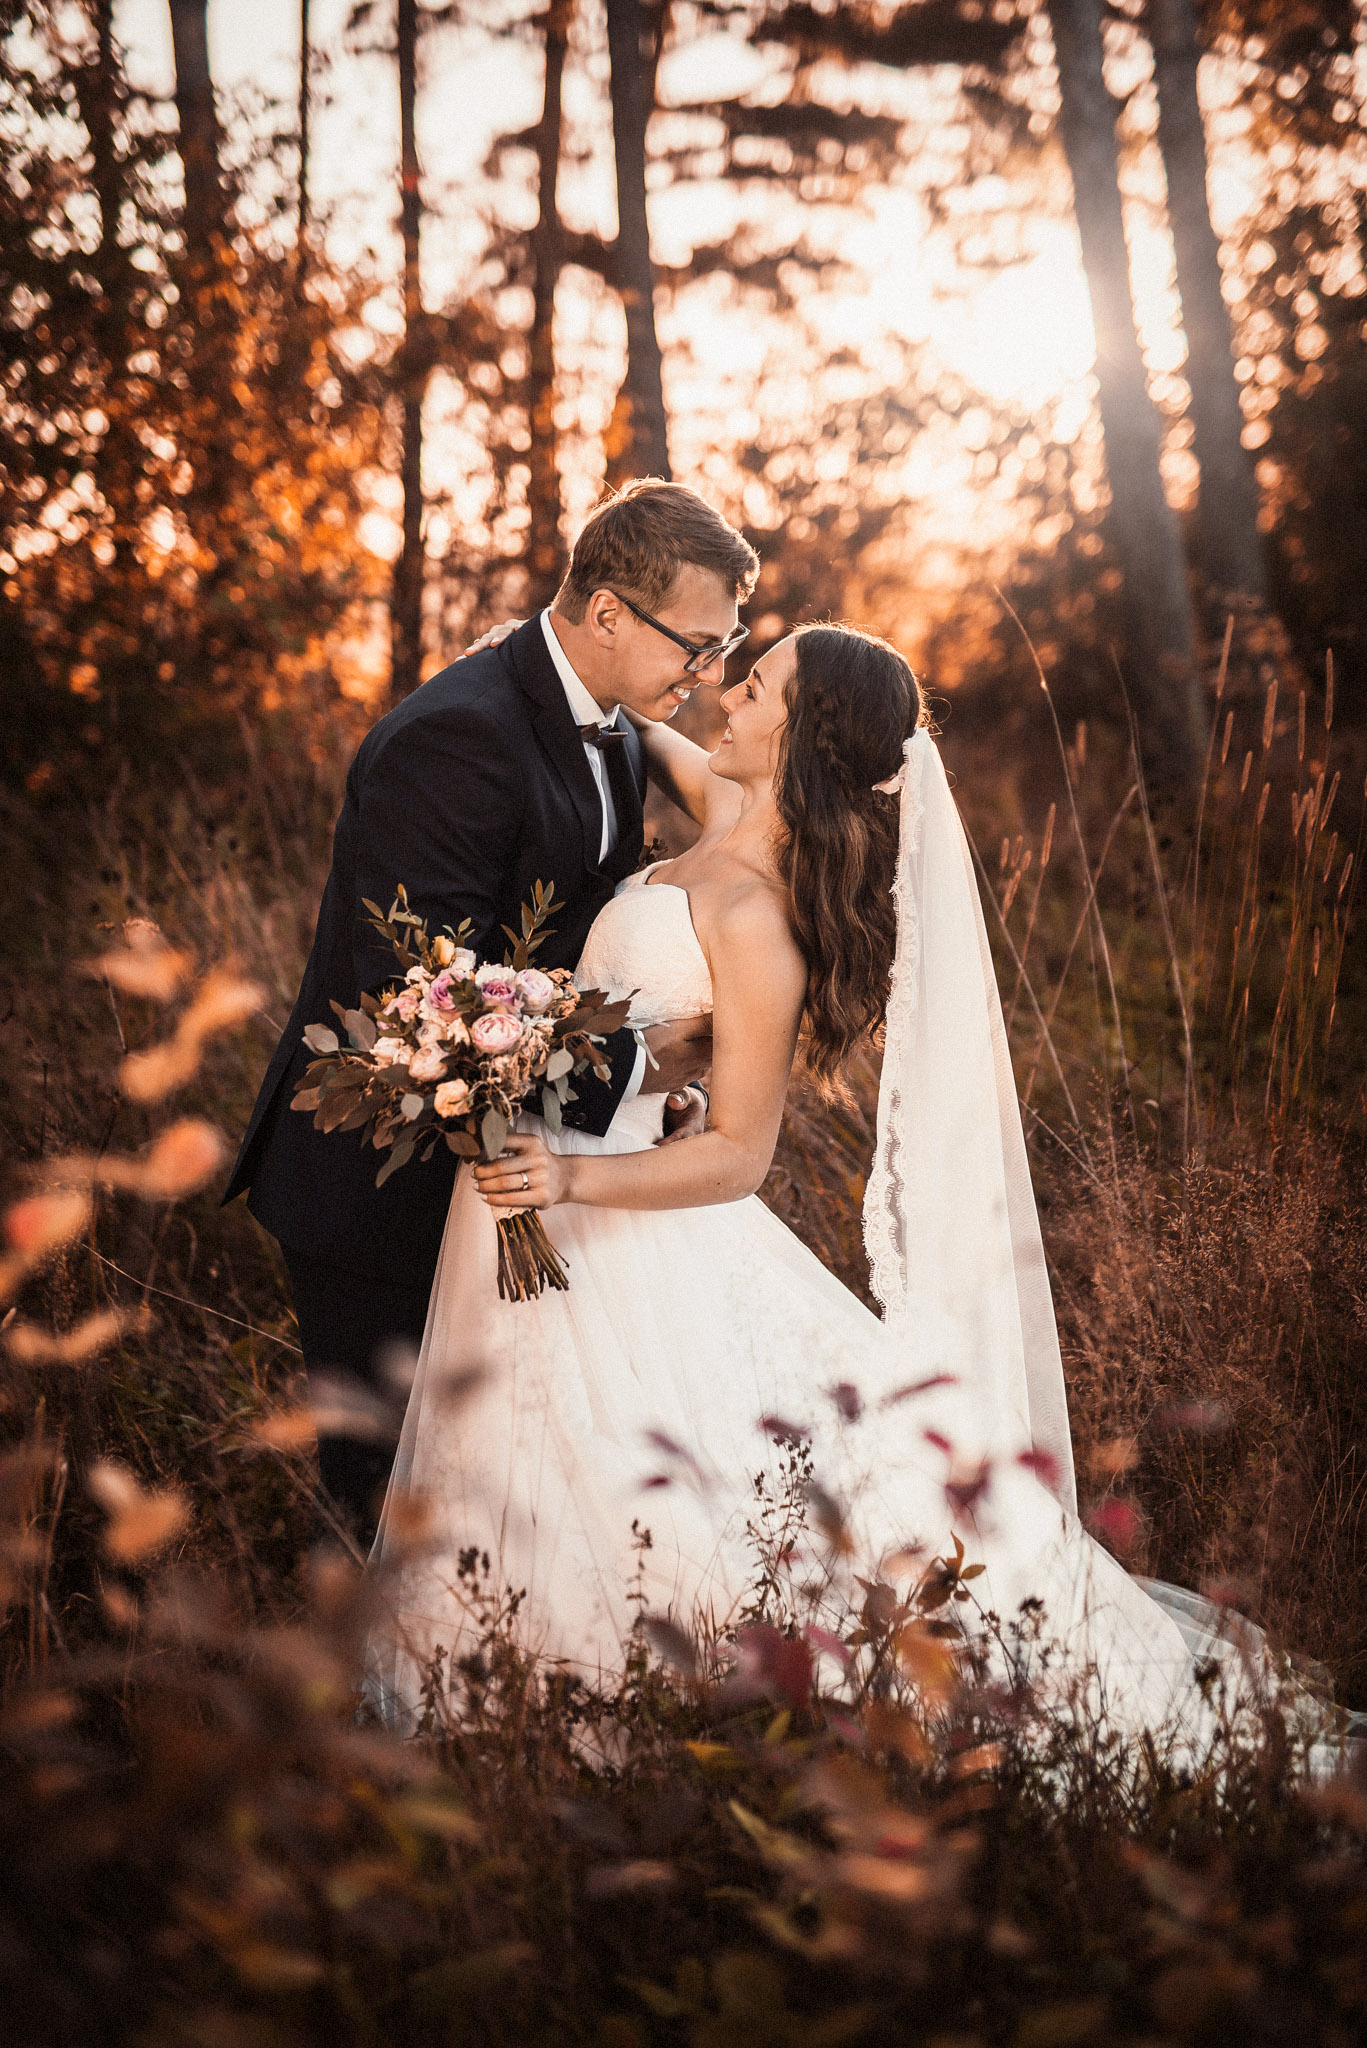 nevesta, ženích, závoj, les, príroda, západ slnka, láska, úsmev, šťastie, radosť, kytica, kvety, svetlo, atmosféra, svadobné šaty, Poprad, Tatry